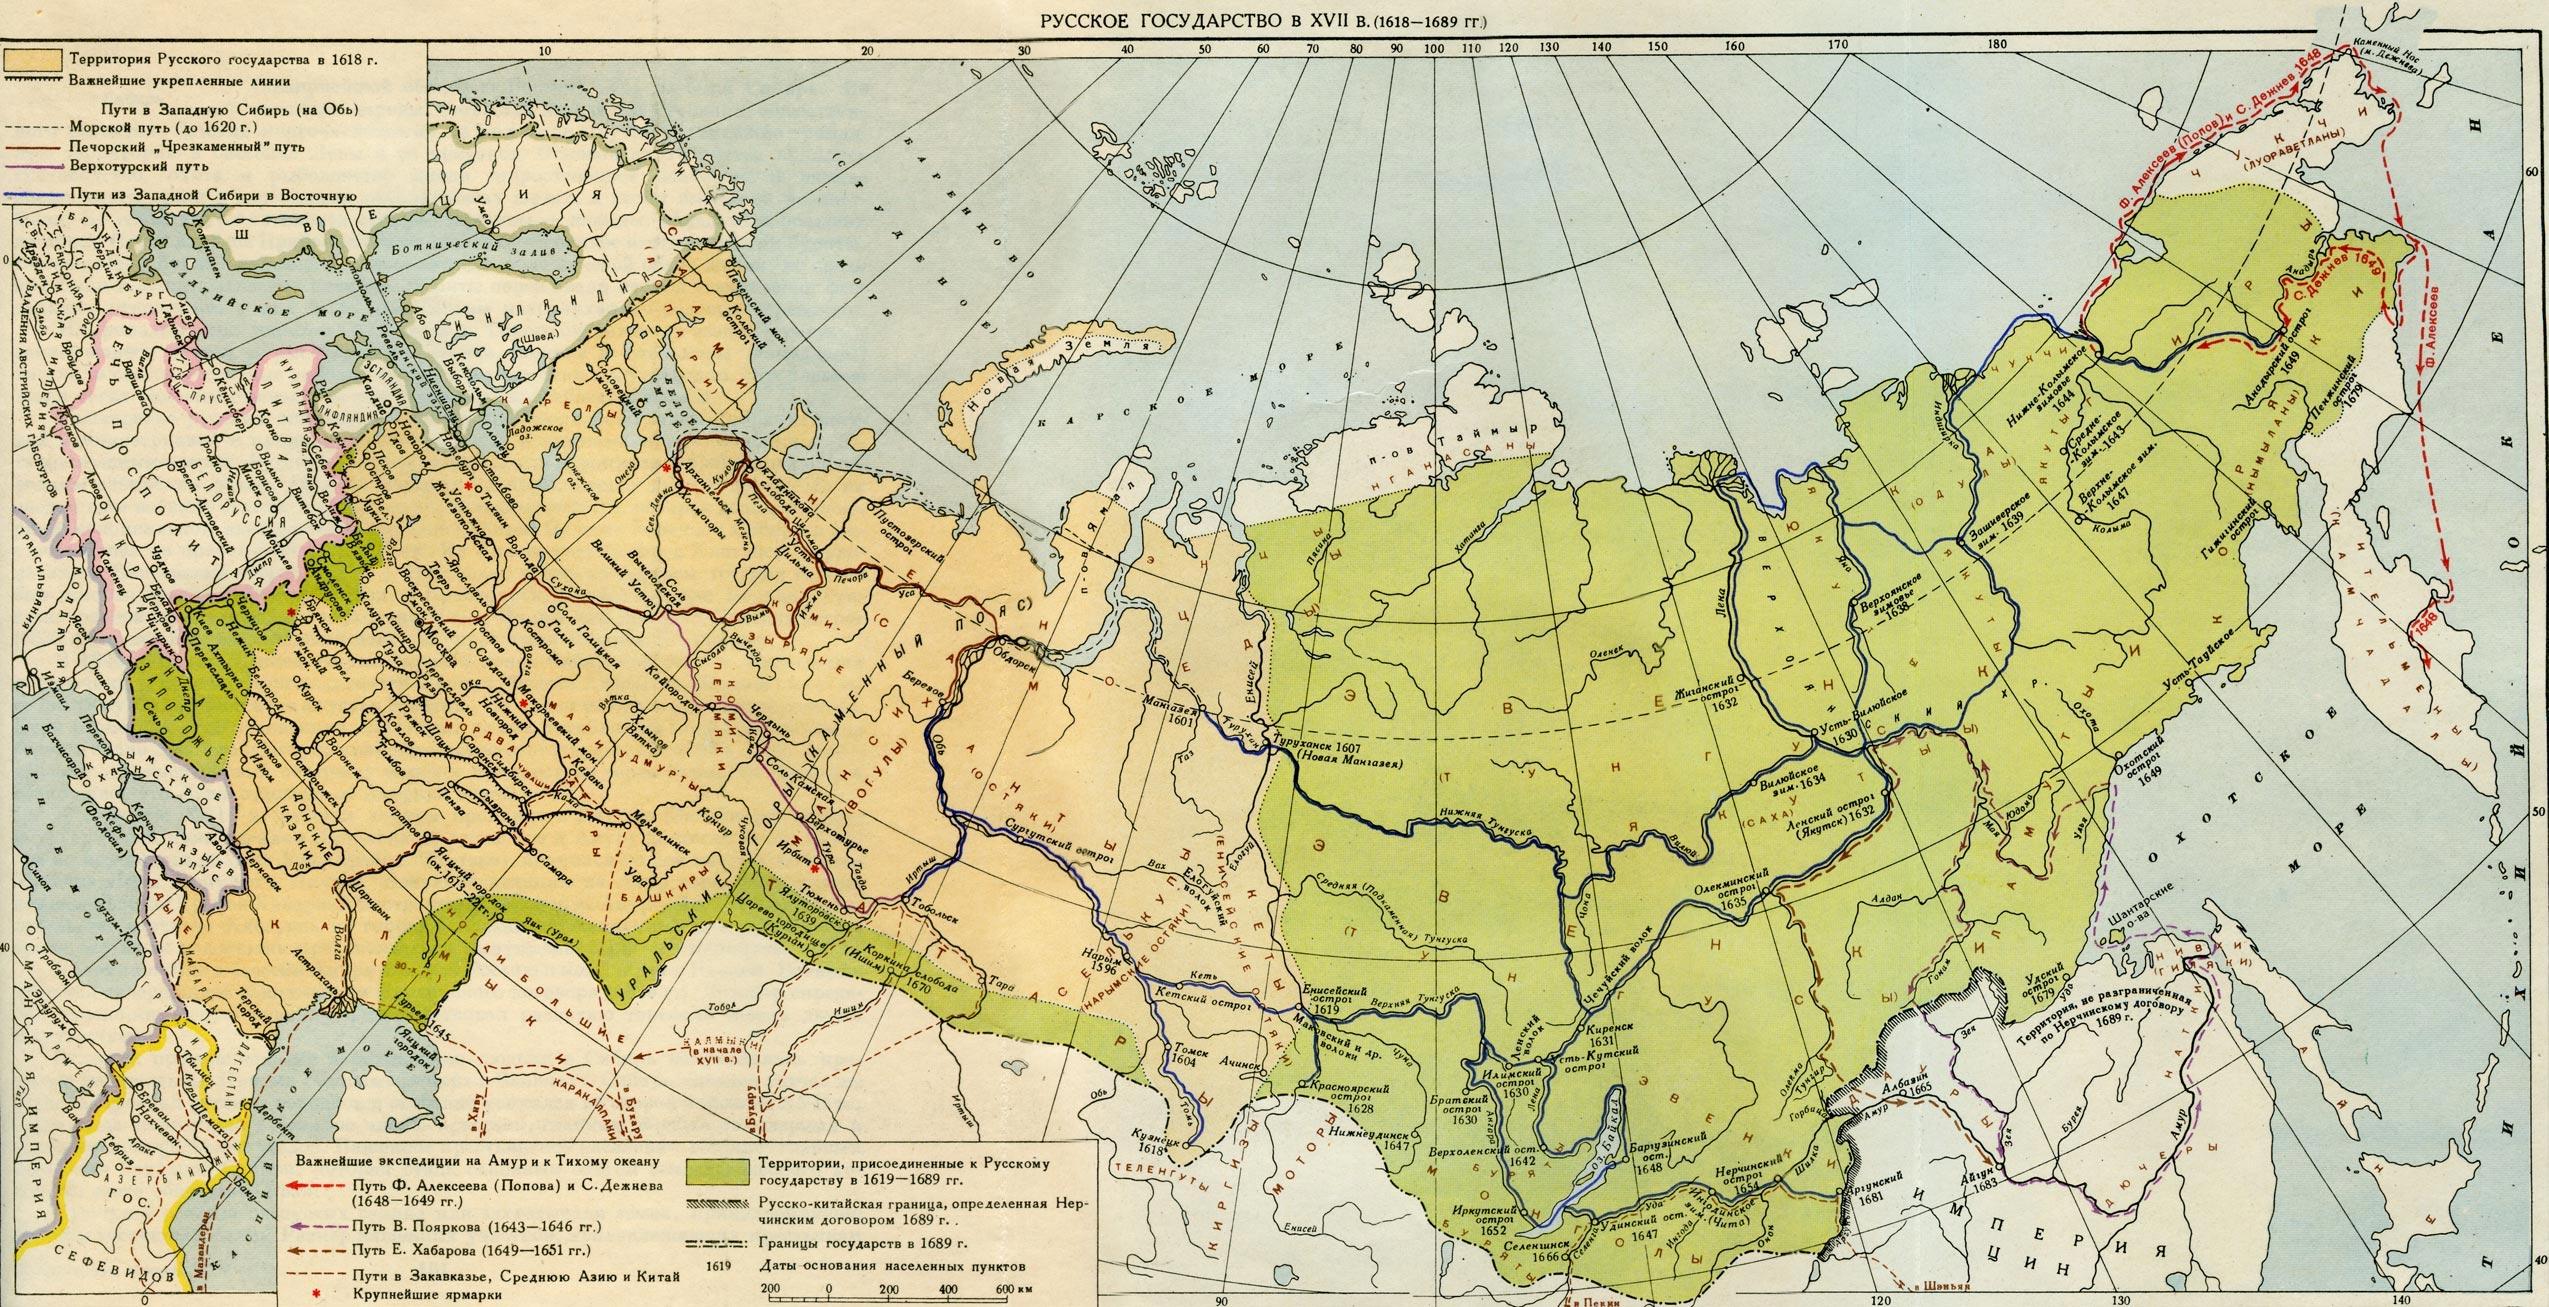 Путин манипулирует историей. Малороссия обозначает место, откуда пошла цивилизация, то есть столица, - историк - Цензор.НЕТ 7062